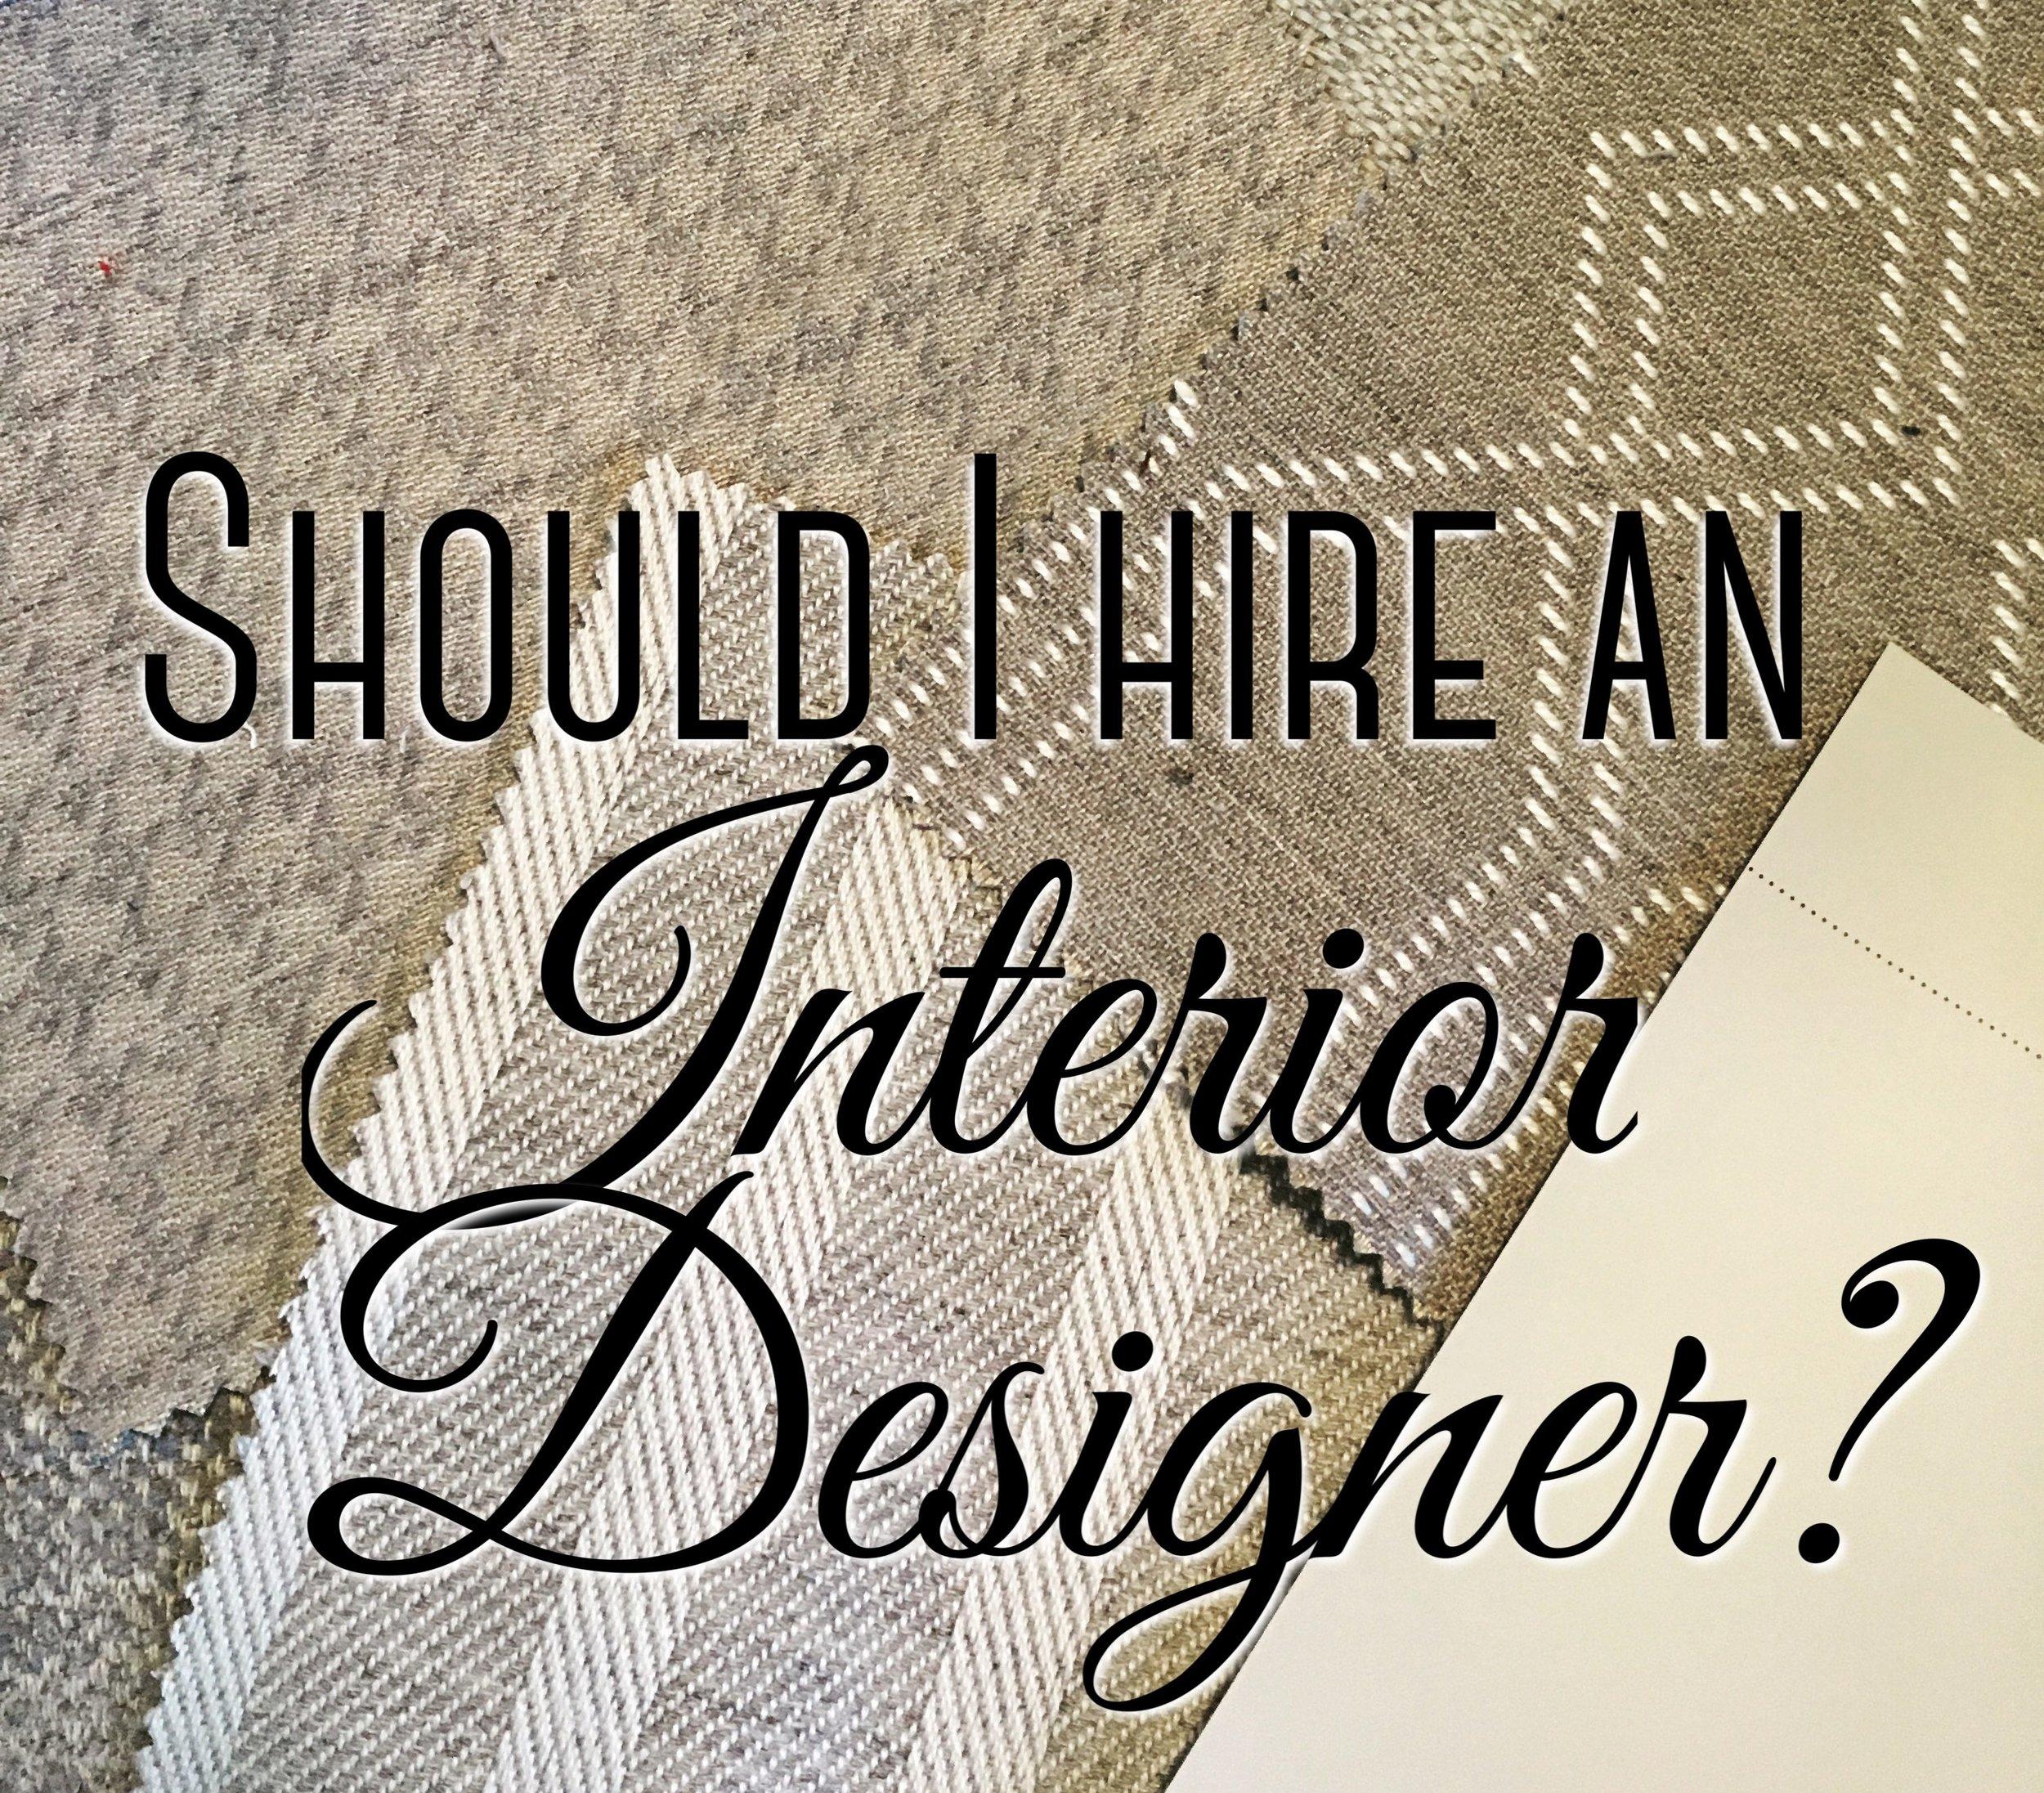 Should-I-hire-an-interior-designer-e1499976255483.jpg